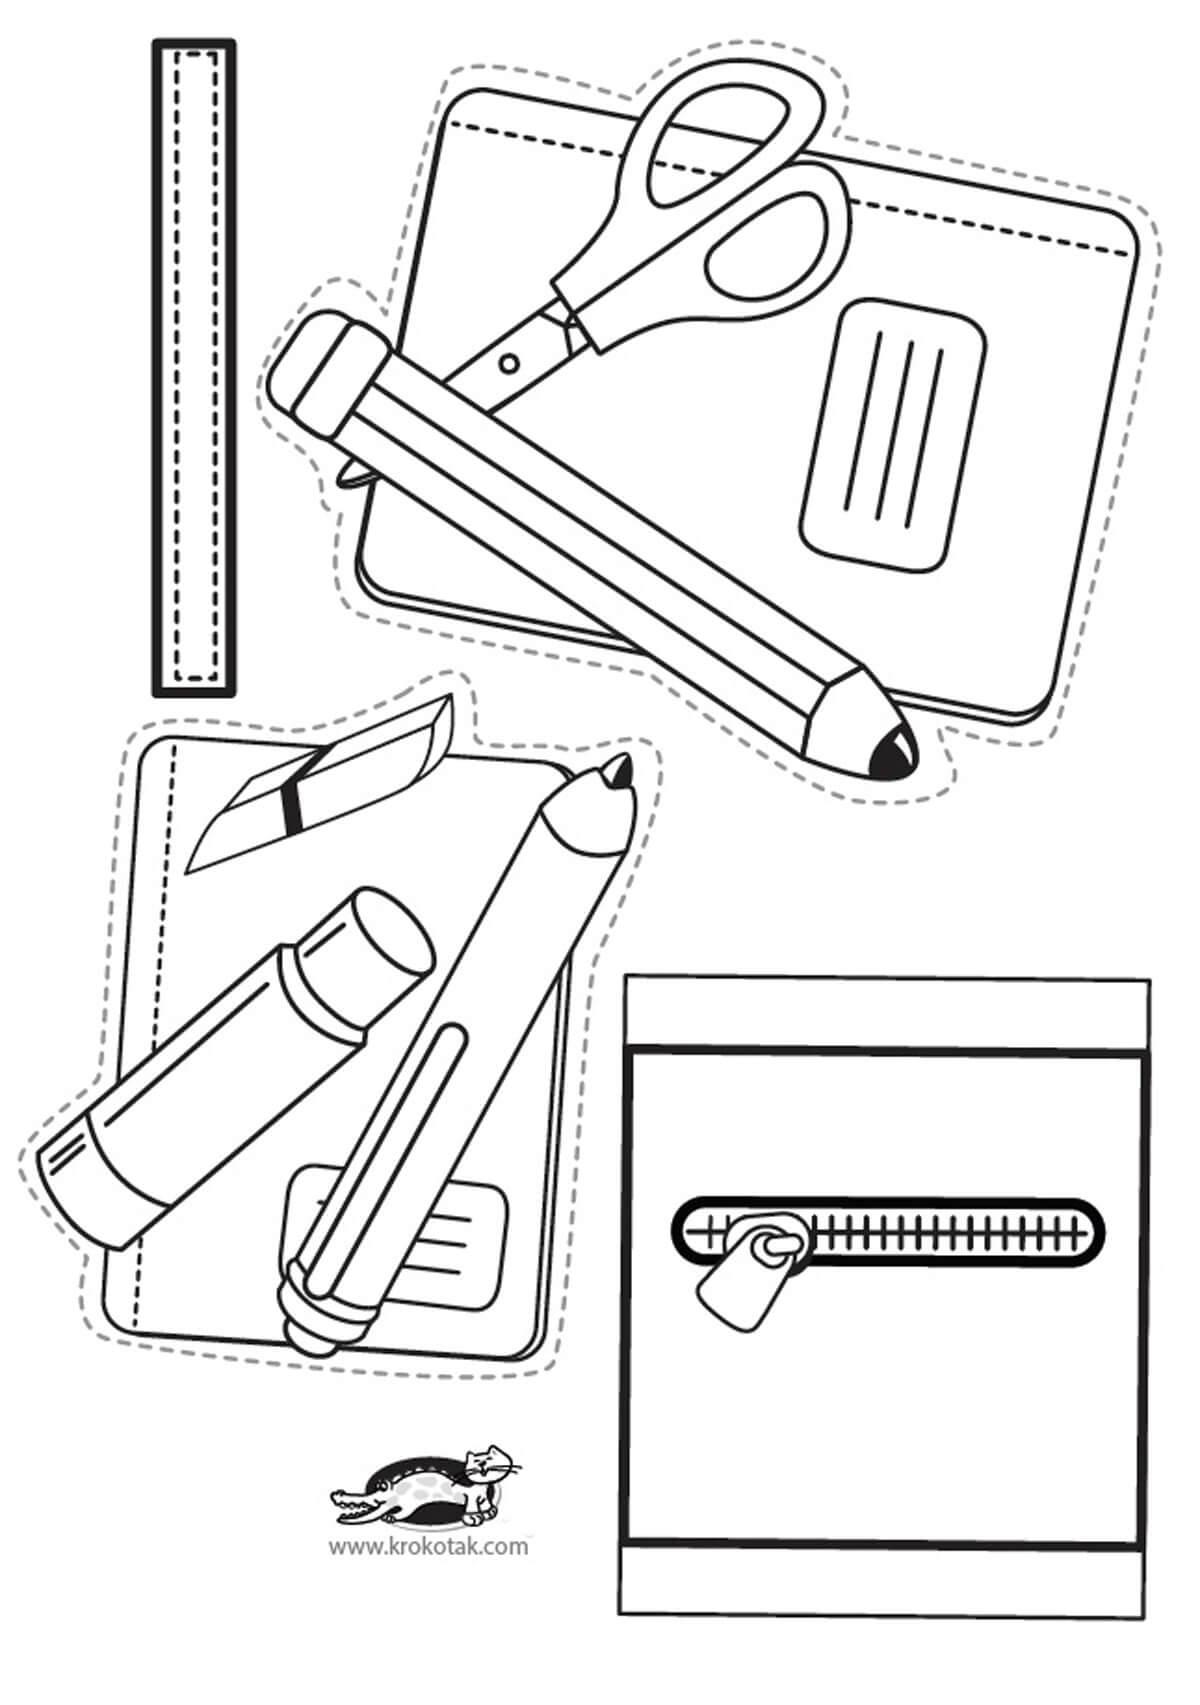 Поделка в школу Рюкзак из бумаги своими руками (шаблон)